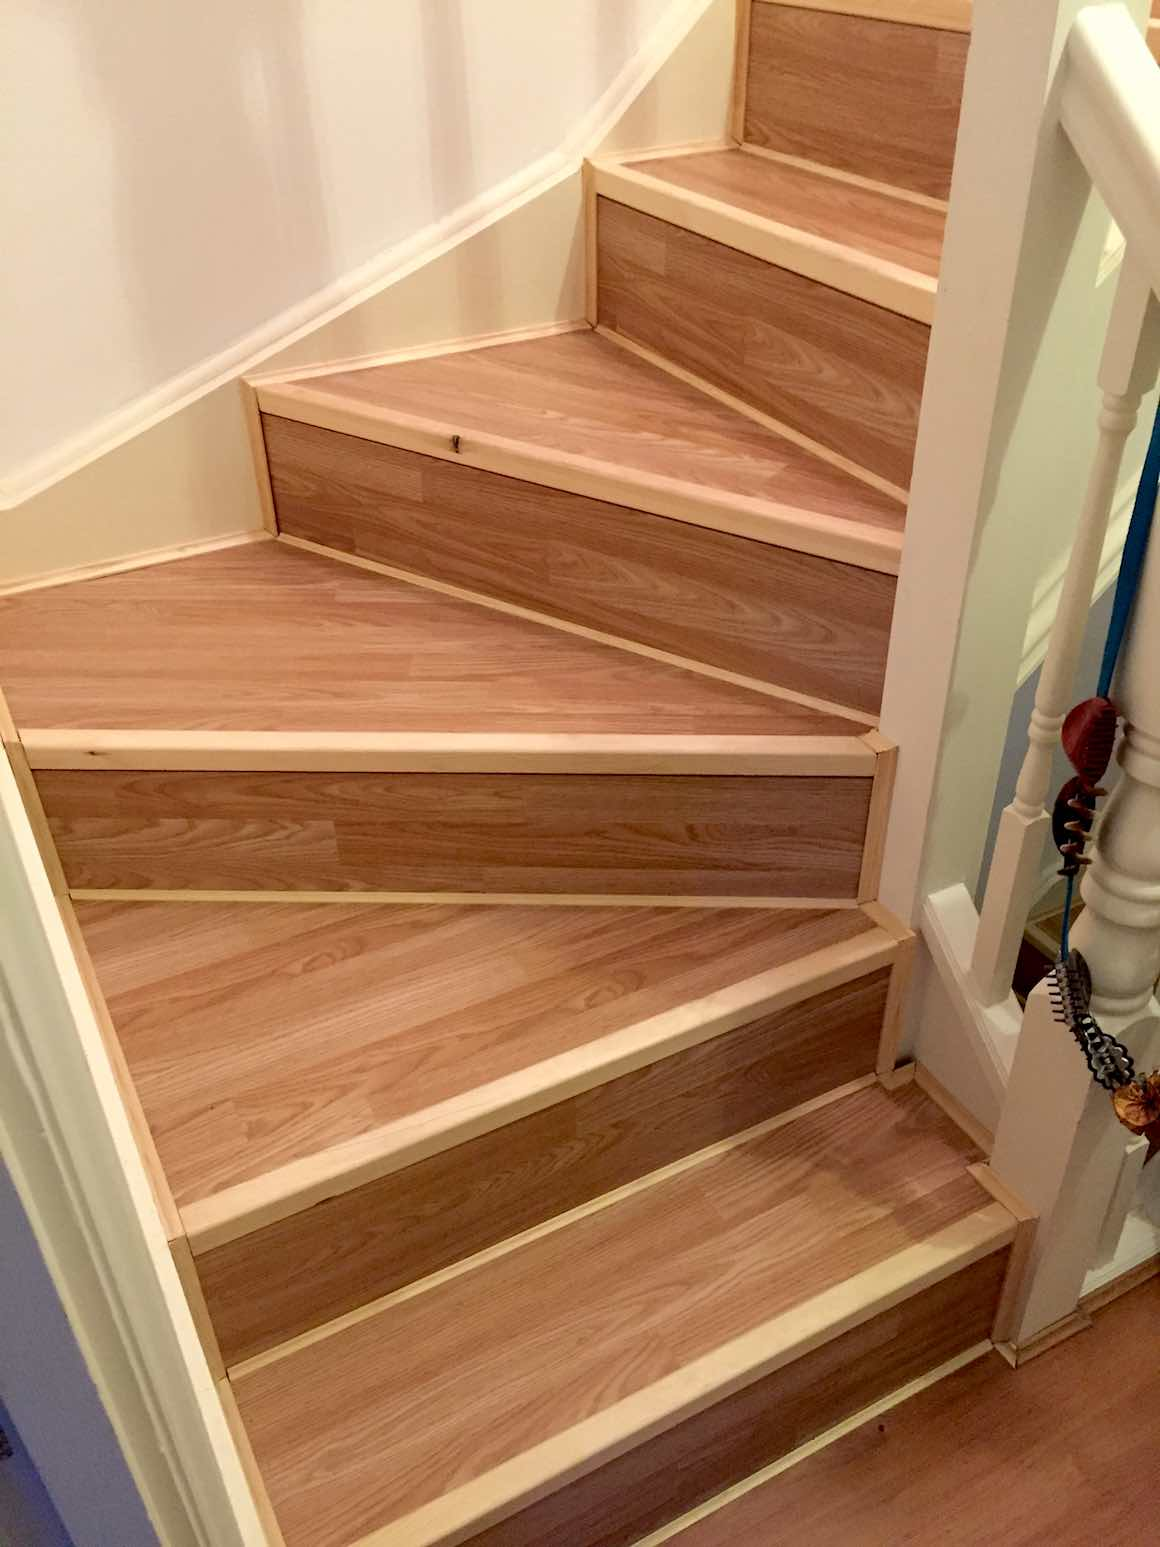 Főleg lépcső - Feri mese - szikla Blog